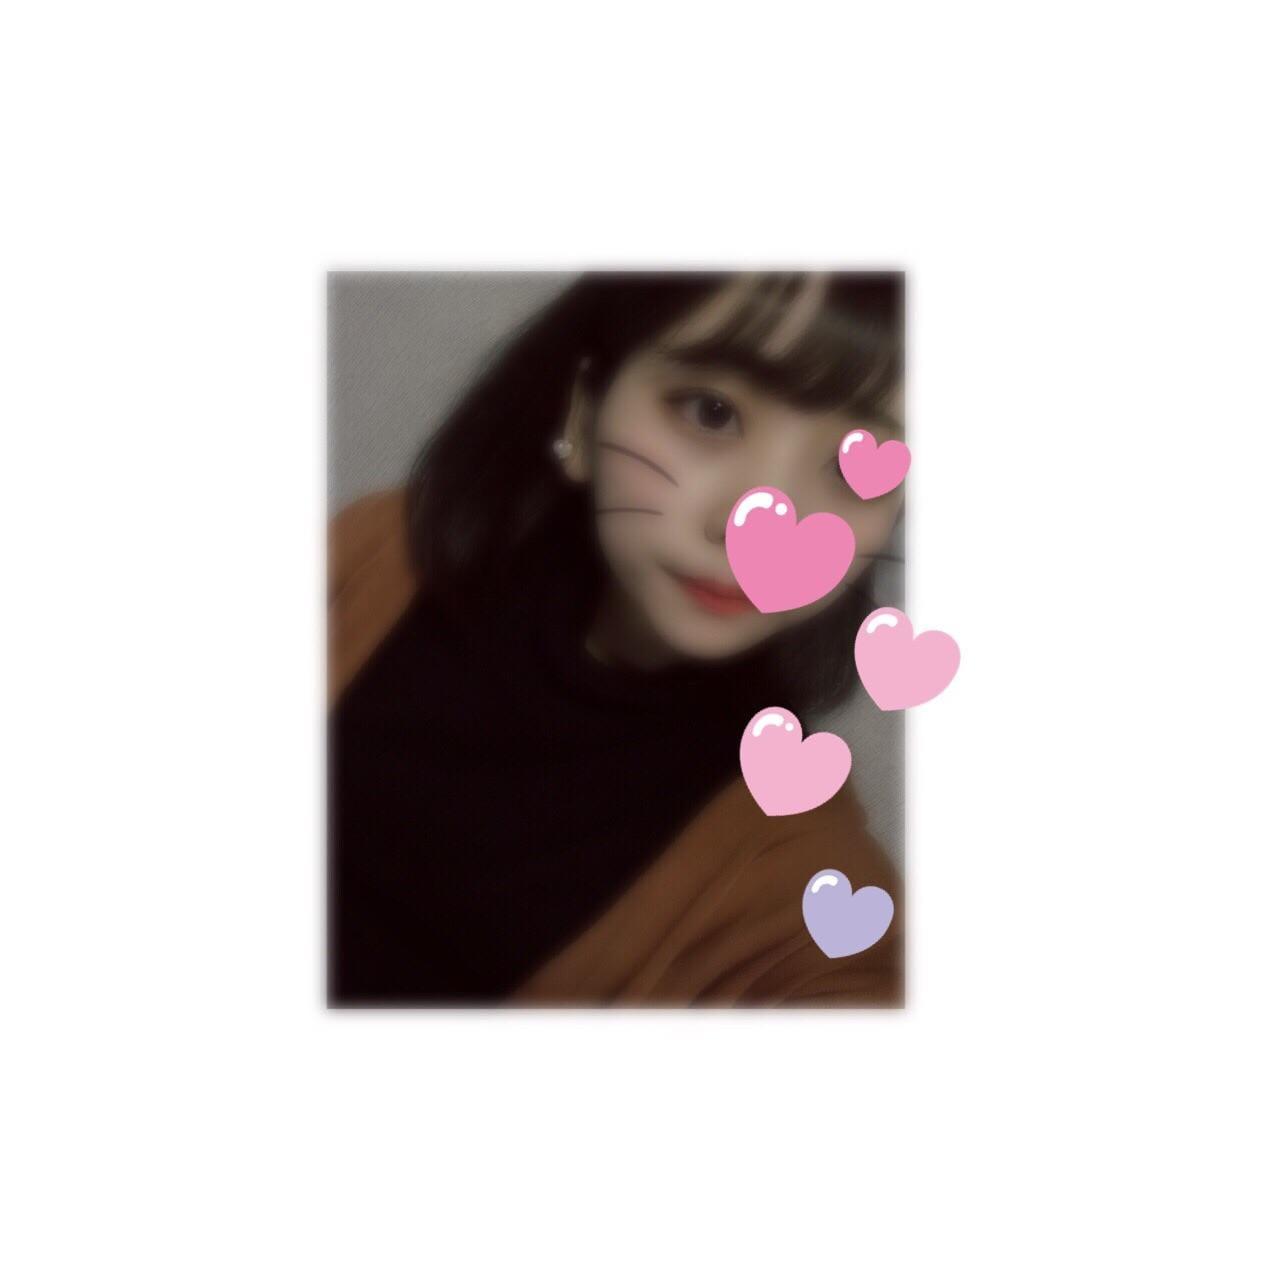 「こんにちは?」11/06(火) 18:28 | ちなの写メ・風俗動画